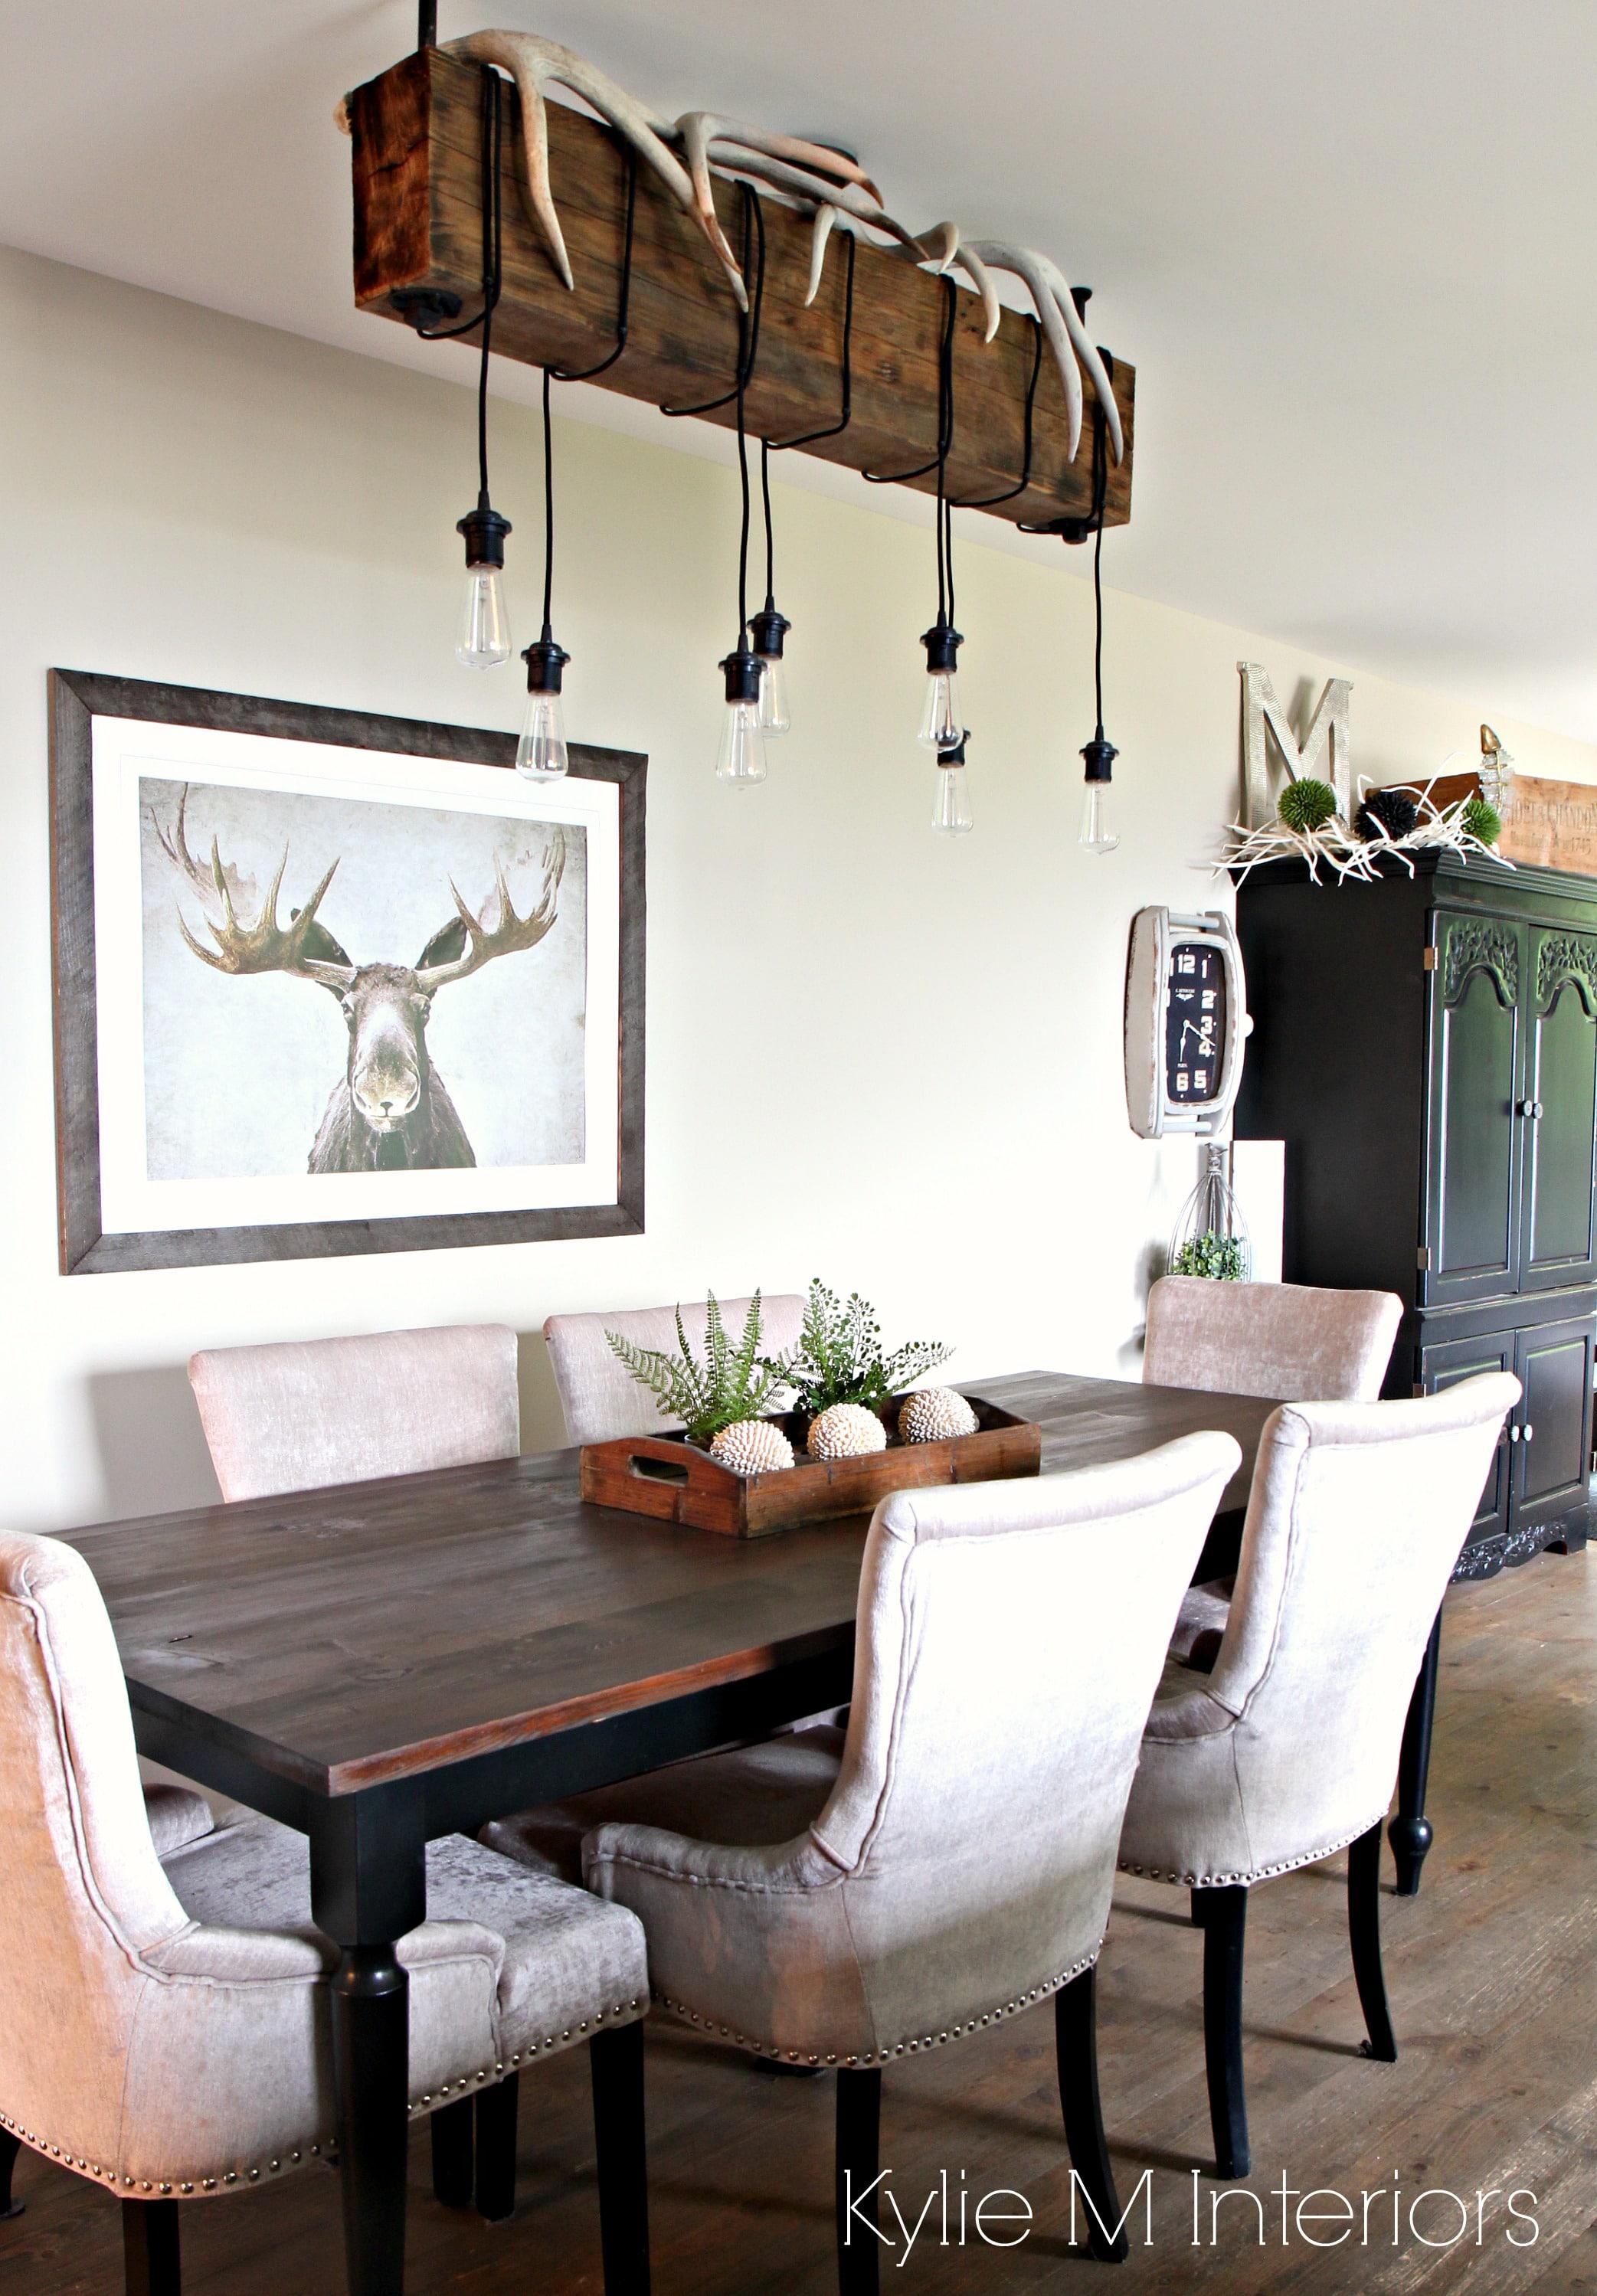 Home Decor Consultant 28 Images Interior Decorating Home Interiors  Consultant